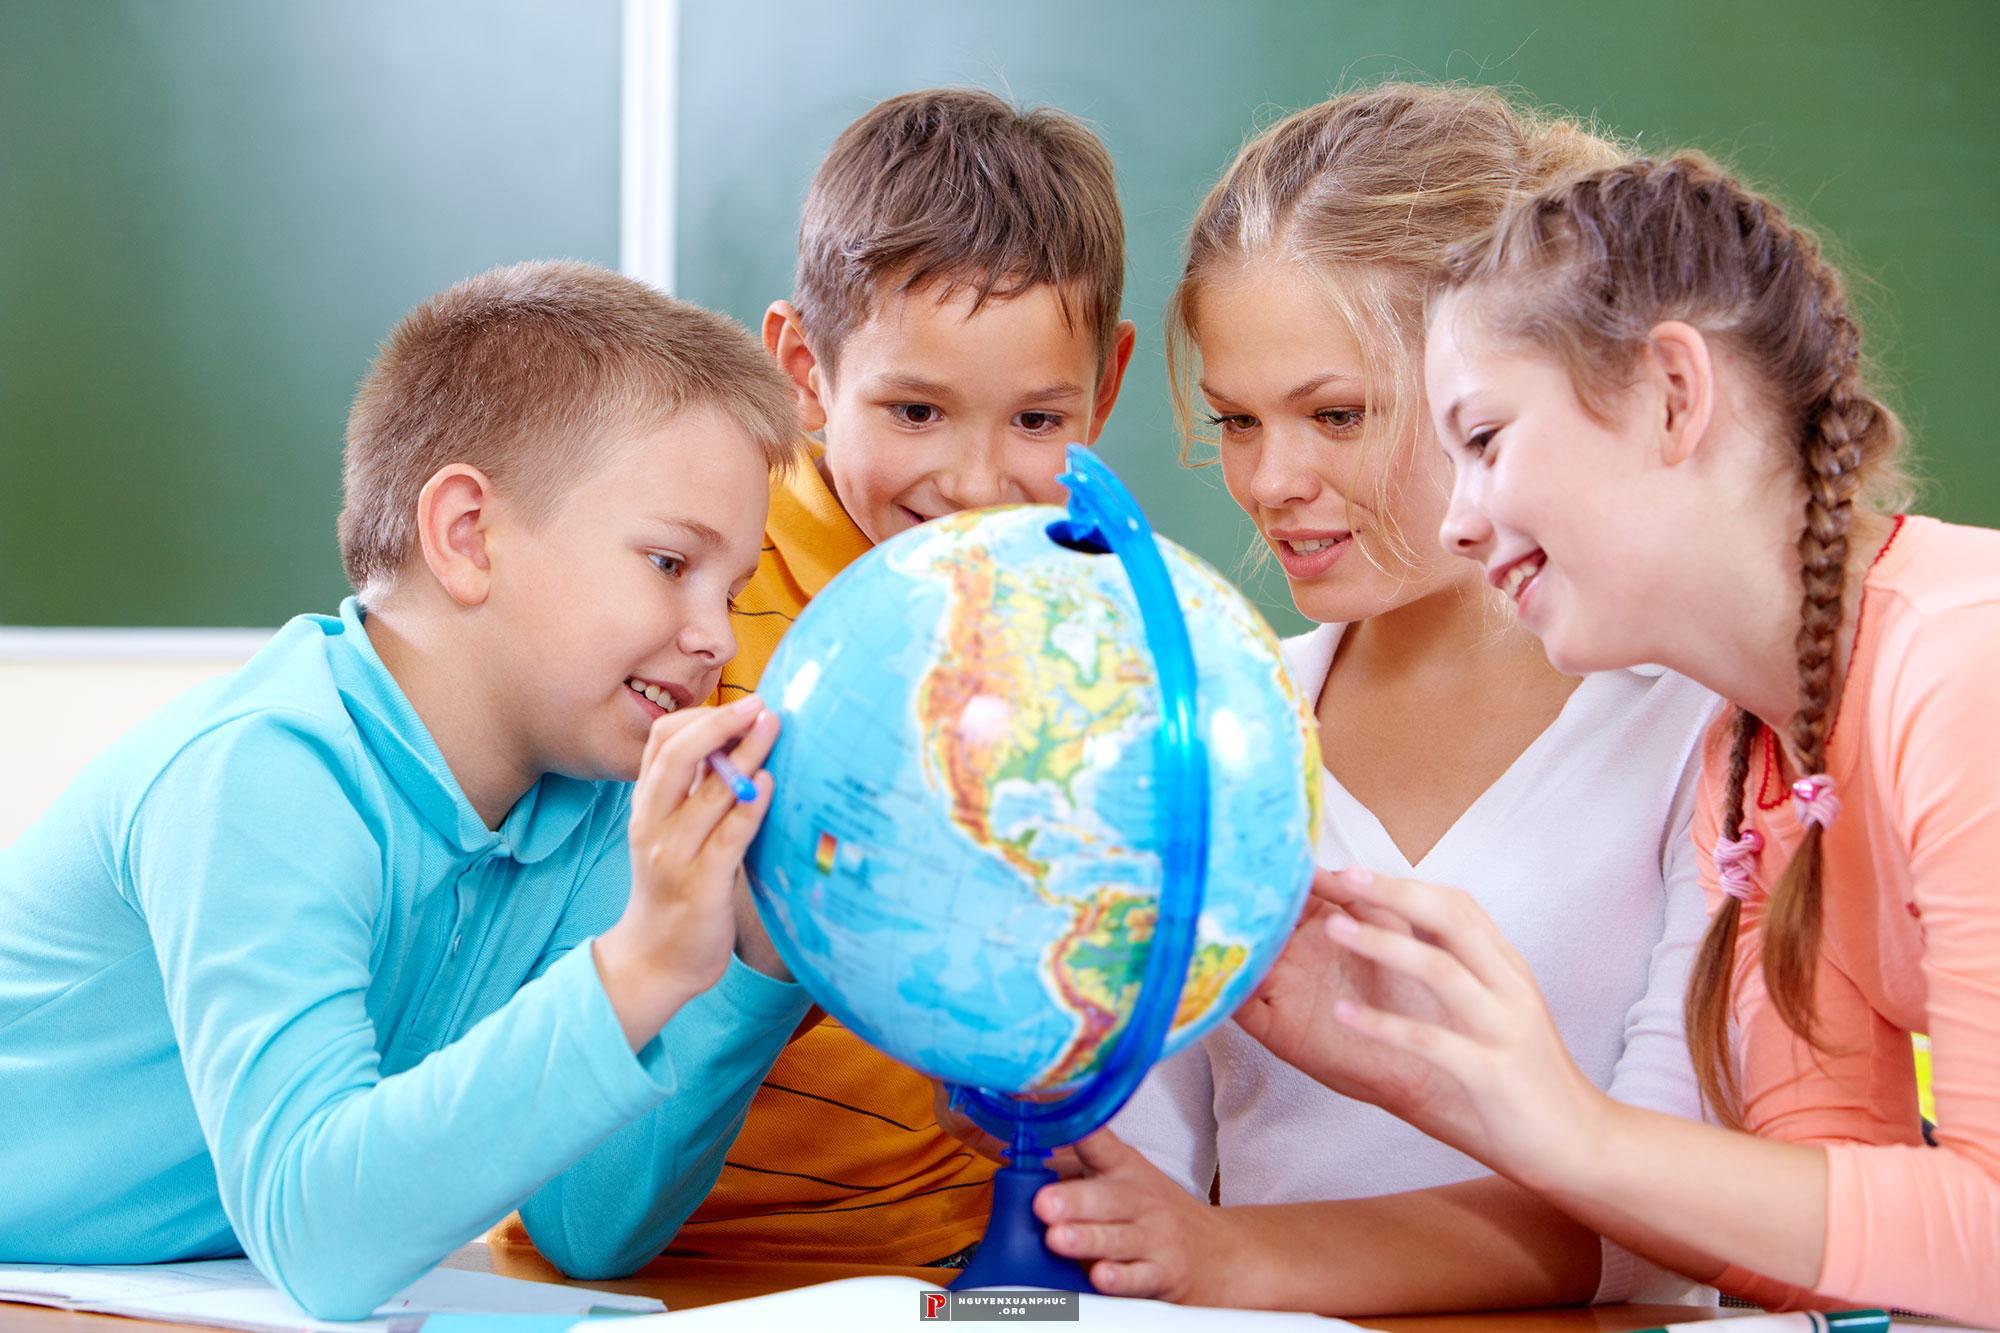 Những đứa trẻ của bạn sẽ được hưởng nền giáo dục tiên tiến nhất nhì thế giới